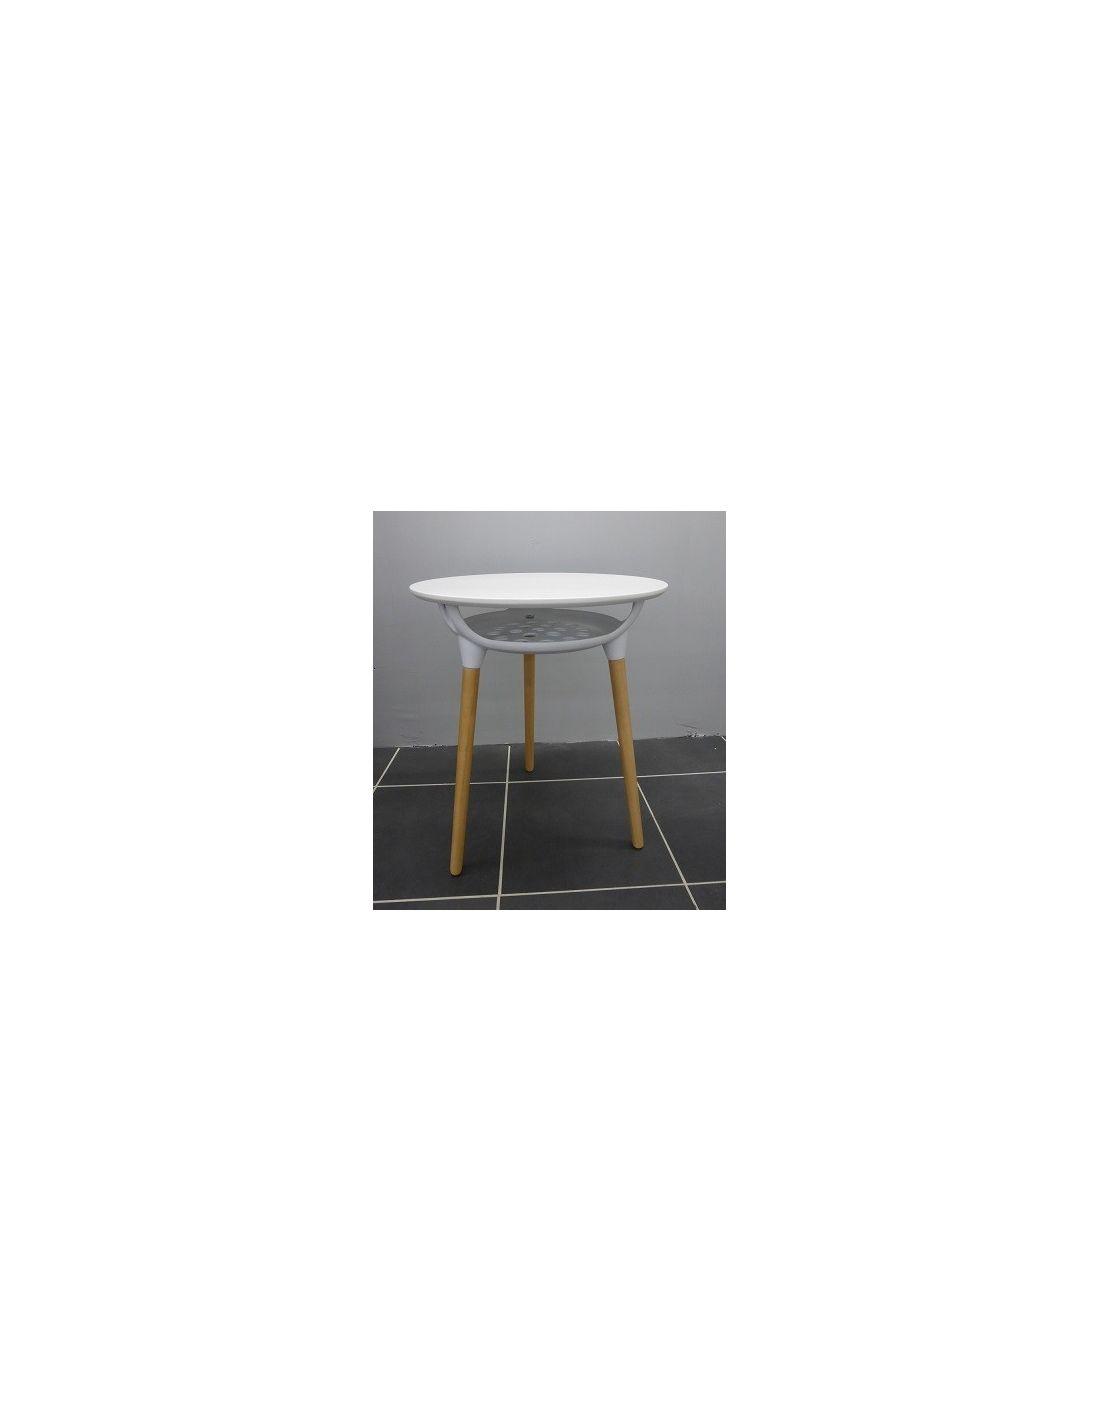 PETITE TABLE RONDE DIAM.7CM